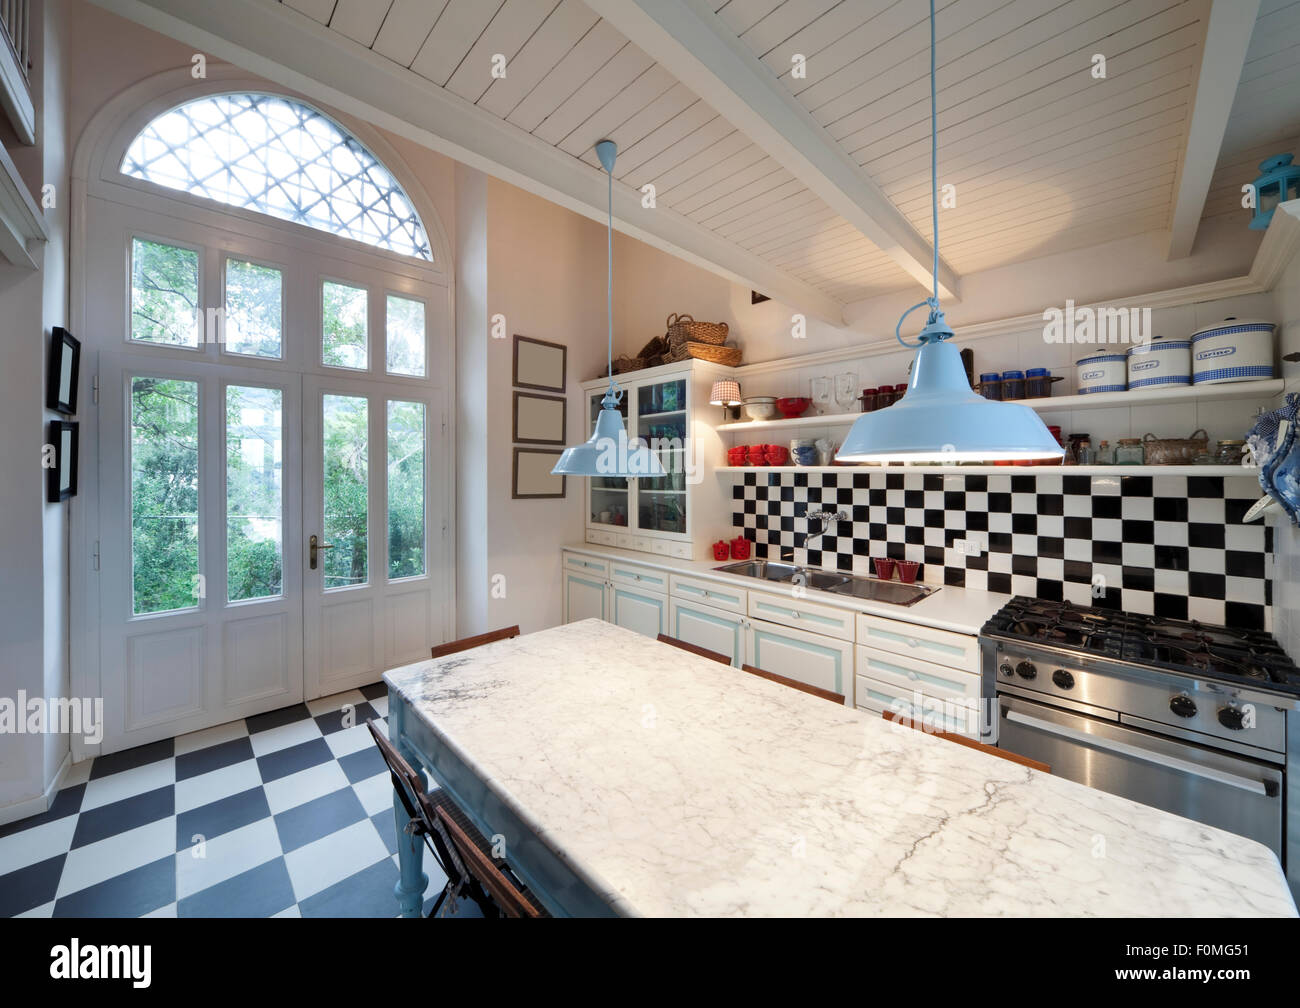 Schachbrett Boden, Küche Interieur Stockfoto, Bild: 86503565 - Alamy